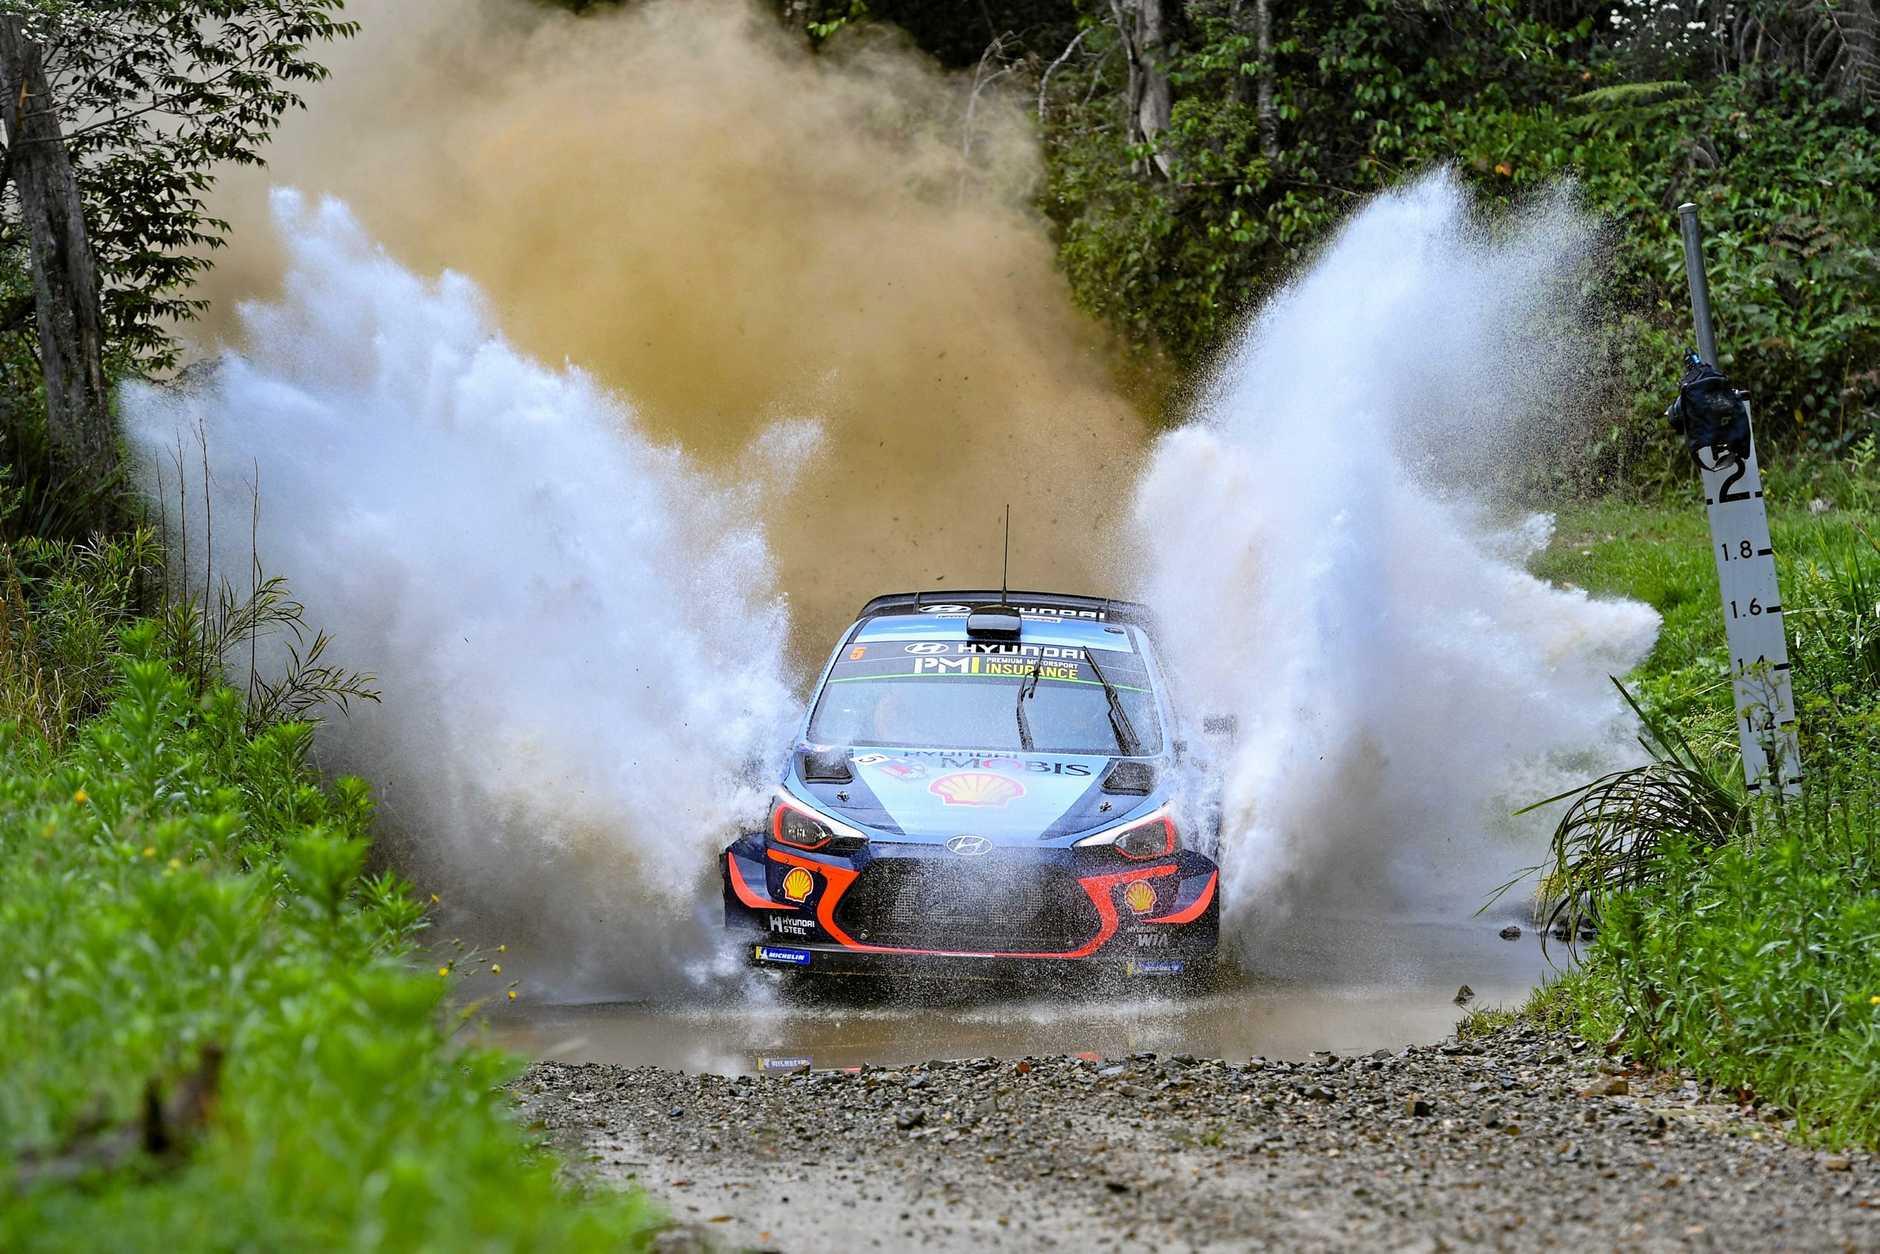 WRC 2018 kenards rally australia coldwater stage  Lowanna . 16 NOV 2018